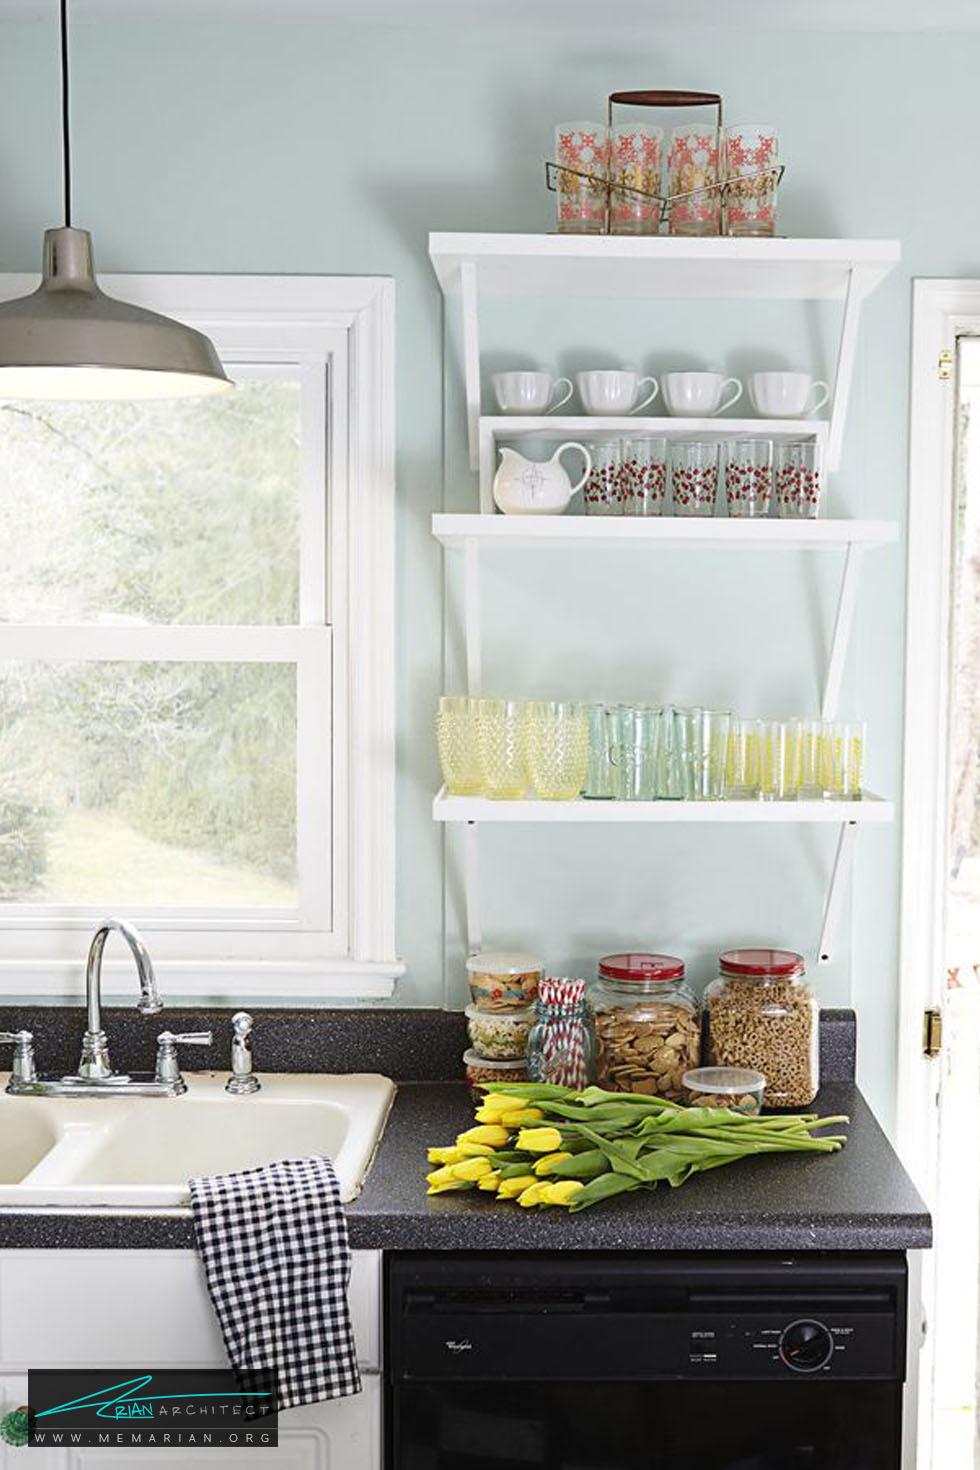 سطوح قفسه بندی شده - 20 ایده جذاب برای چیدمان دکوراسیون آشپزخانه